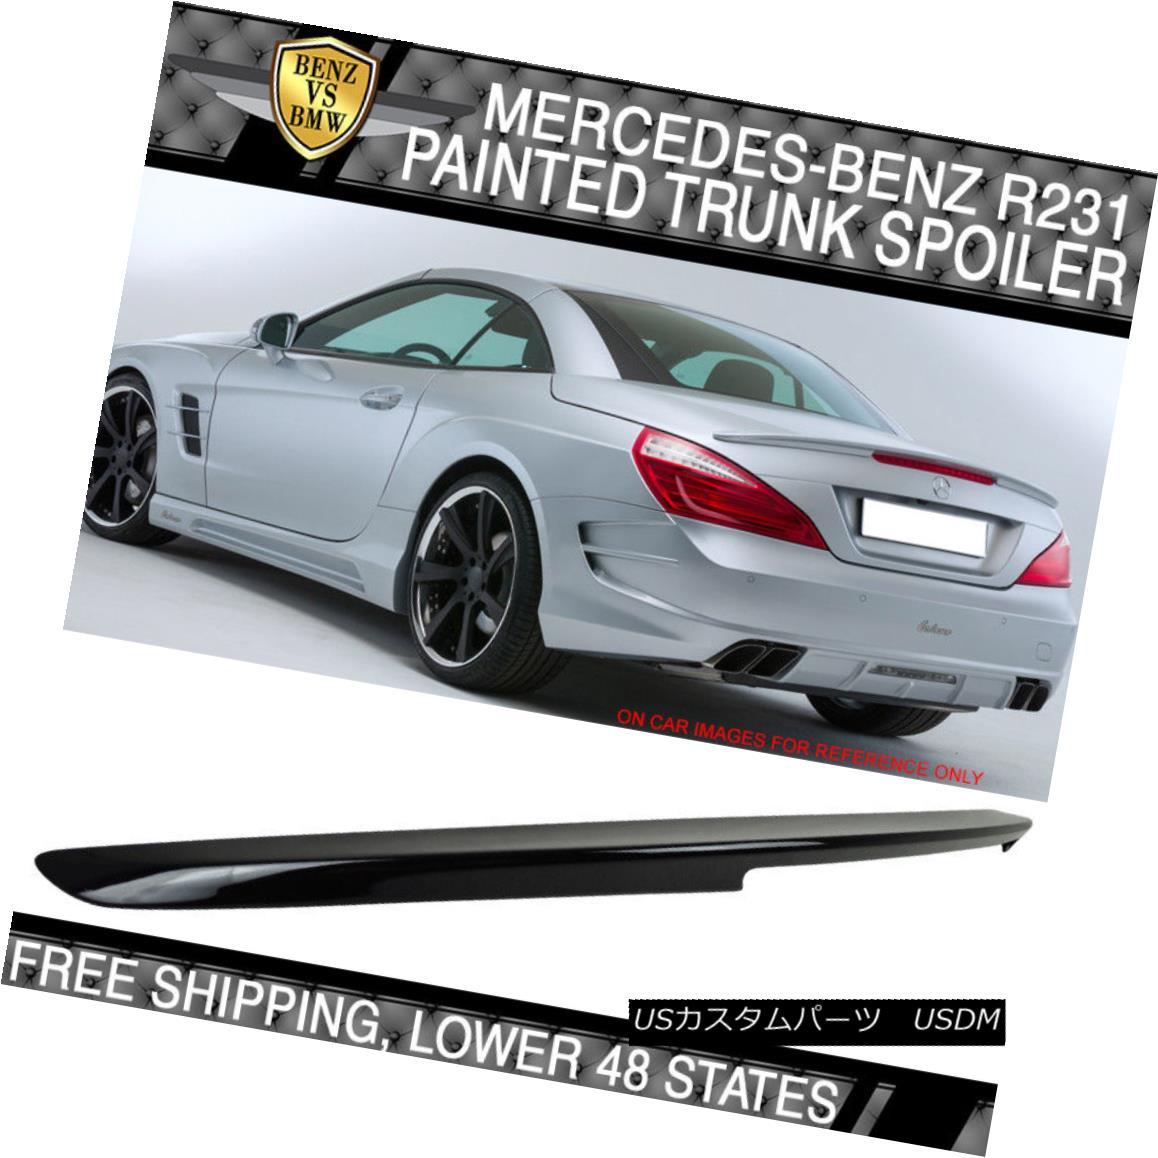 エアロパーツ USA Stock 13-16 Benz R231 2Dr Painted Trunk Spoiler #197 Obsidian Black Metallic アメリカストック13-16ベンツR231 2Dr塗装トランク・スポイラー#197黒曜石黒メタリック